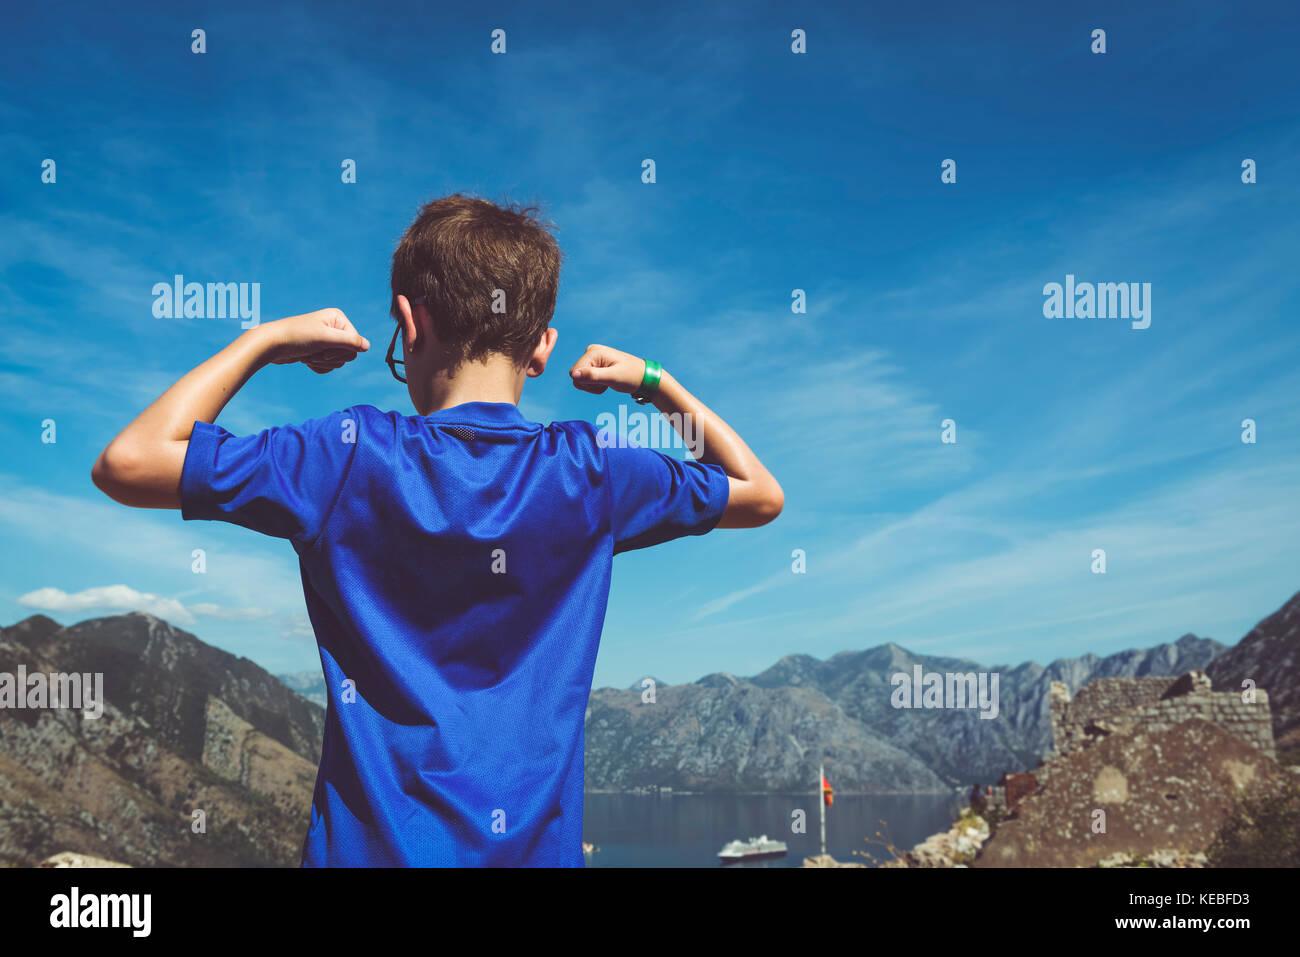 La vista desde la fortaleza por encima de Kotor tras una larga subida con un chico en primer plano mostrando sus Imagen De Stock